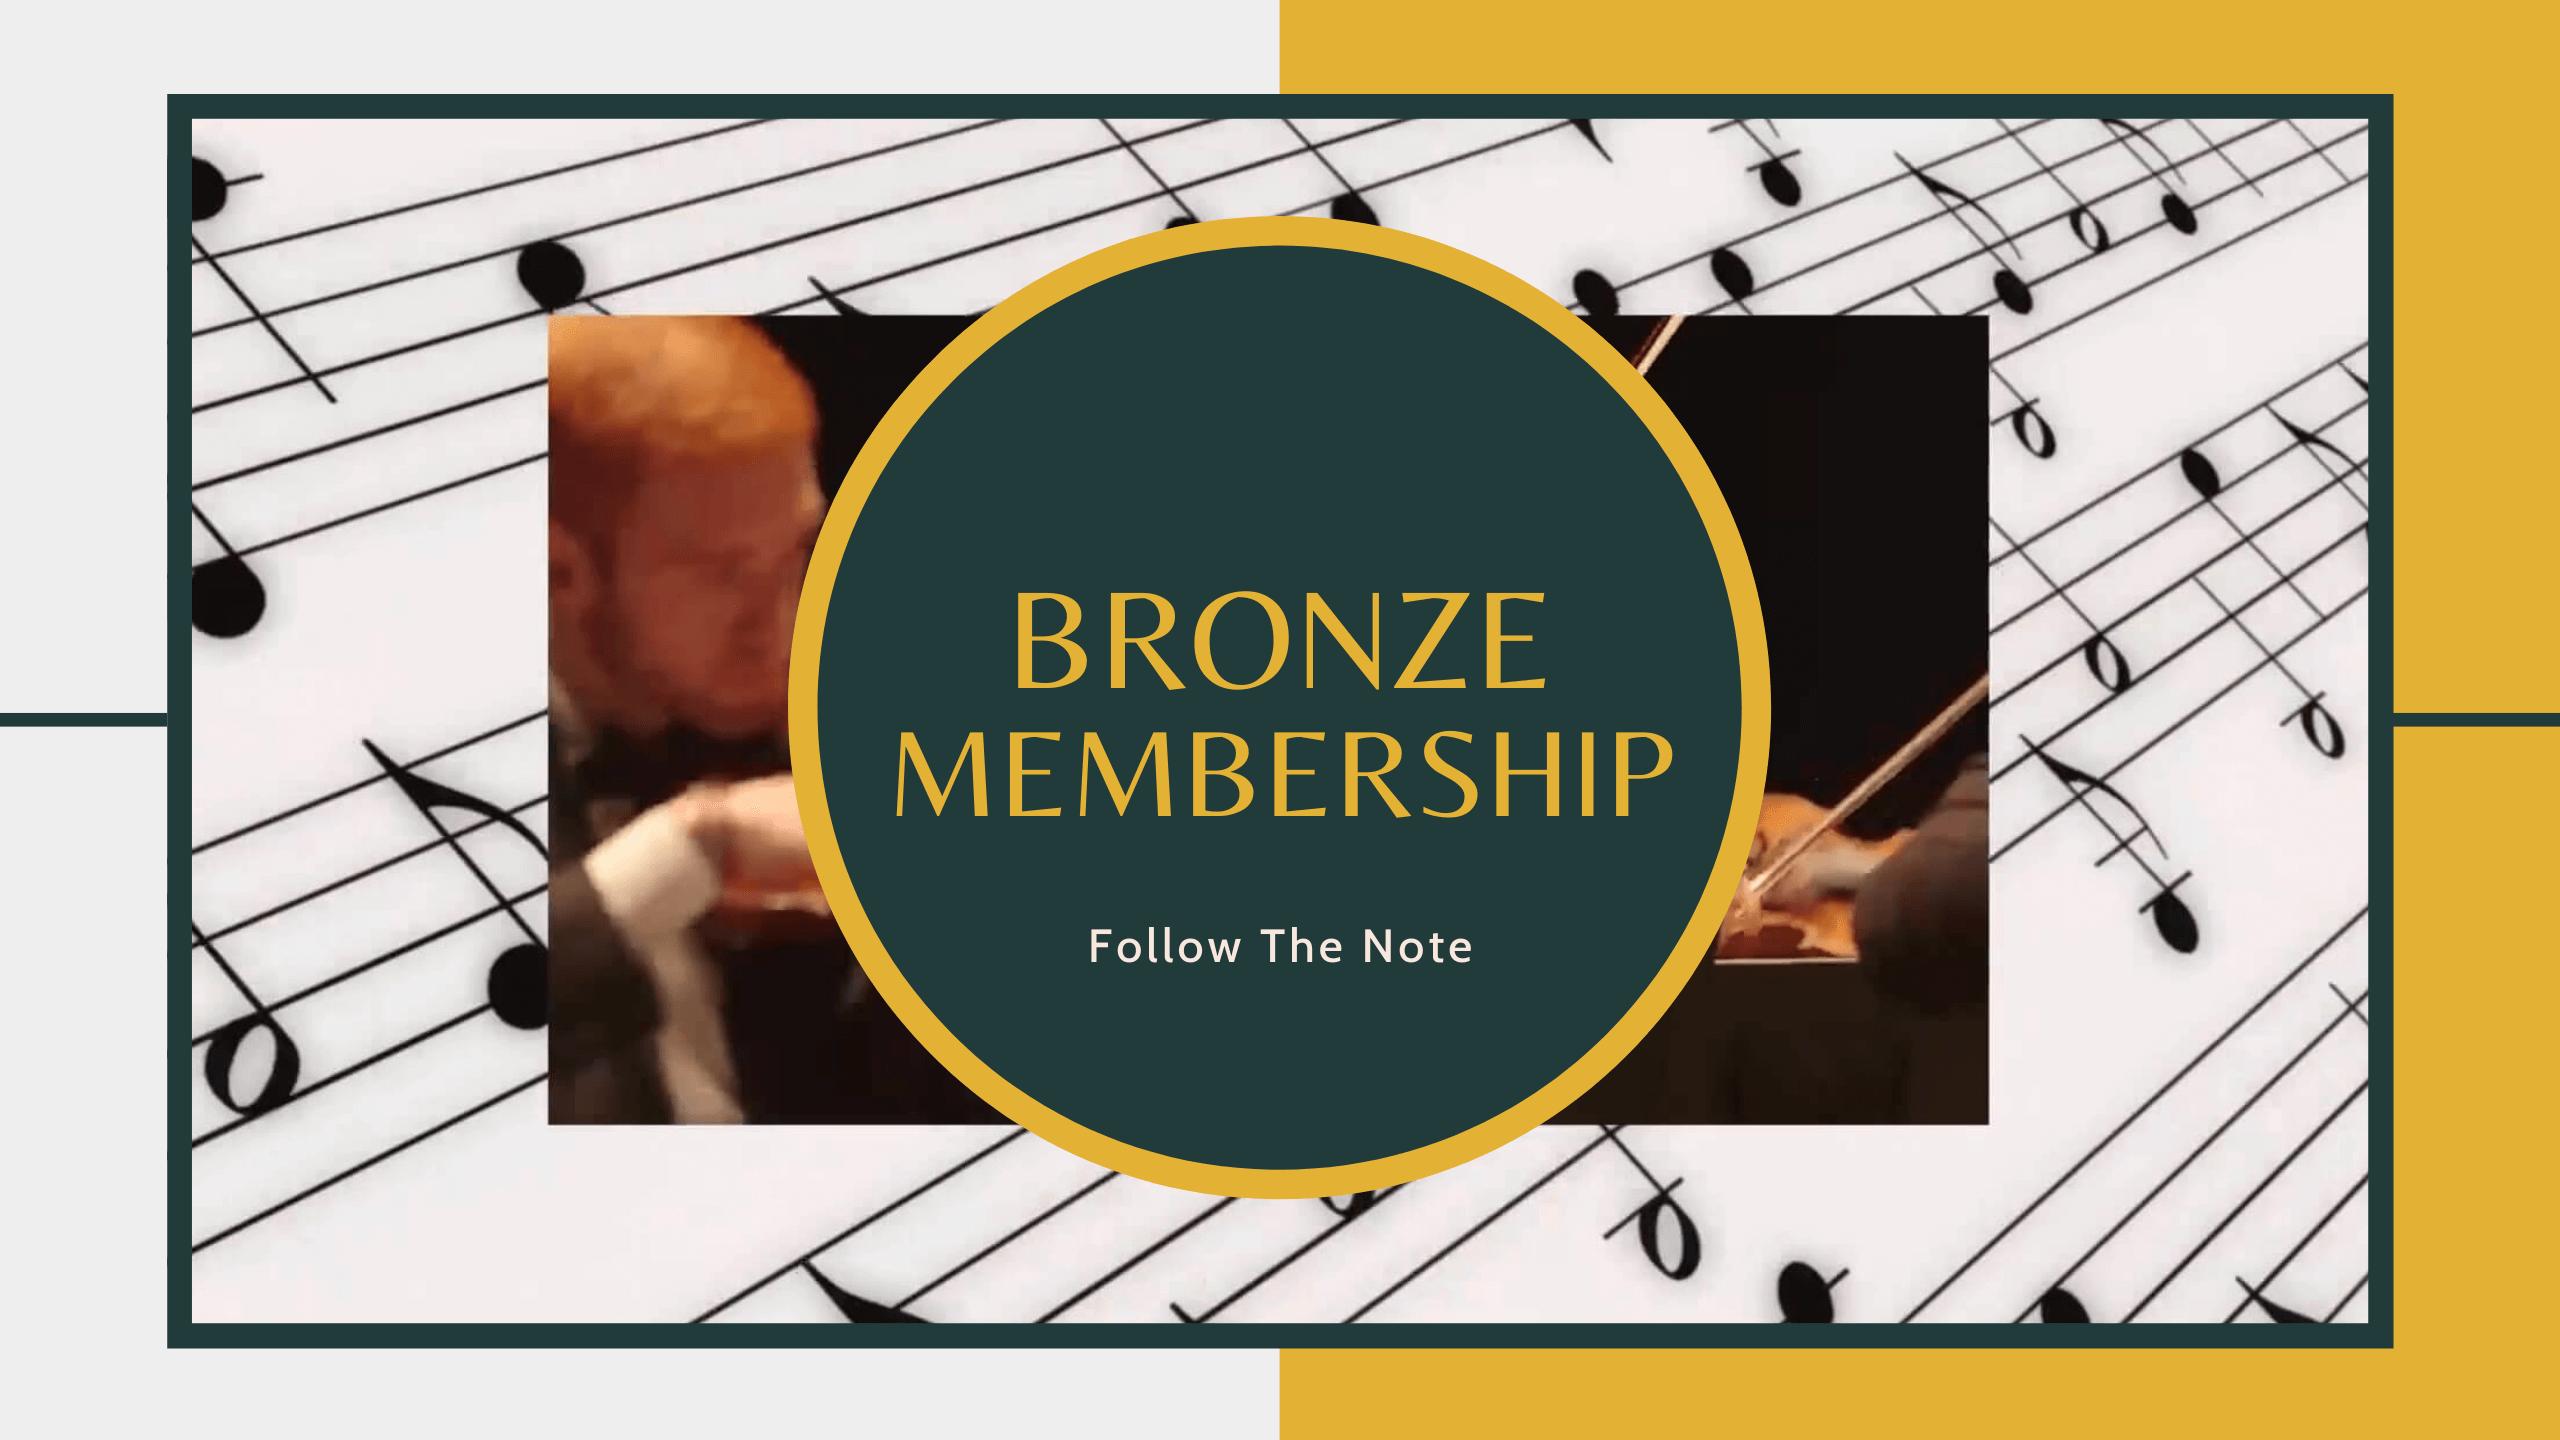 Follow The Note - Bronze Membership